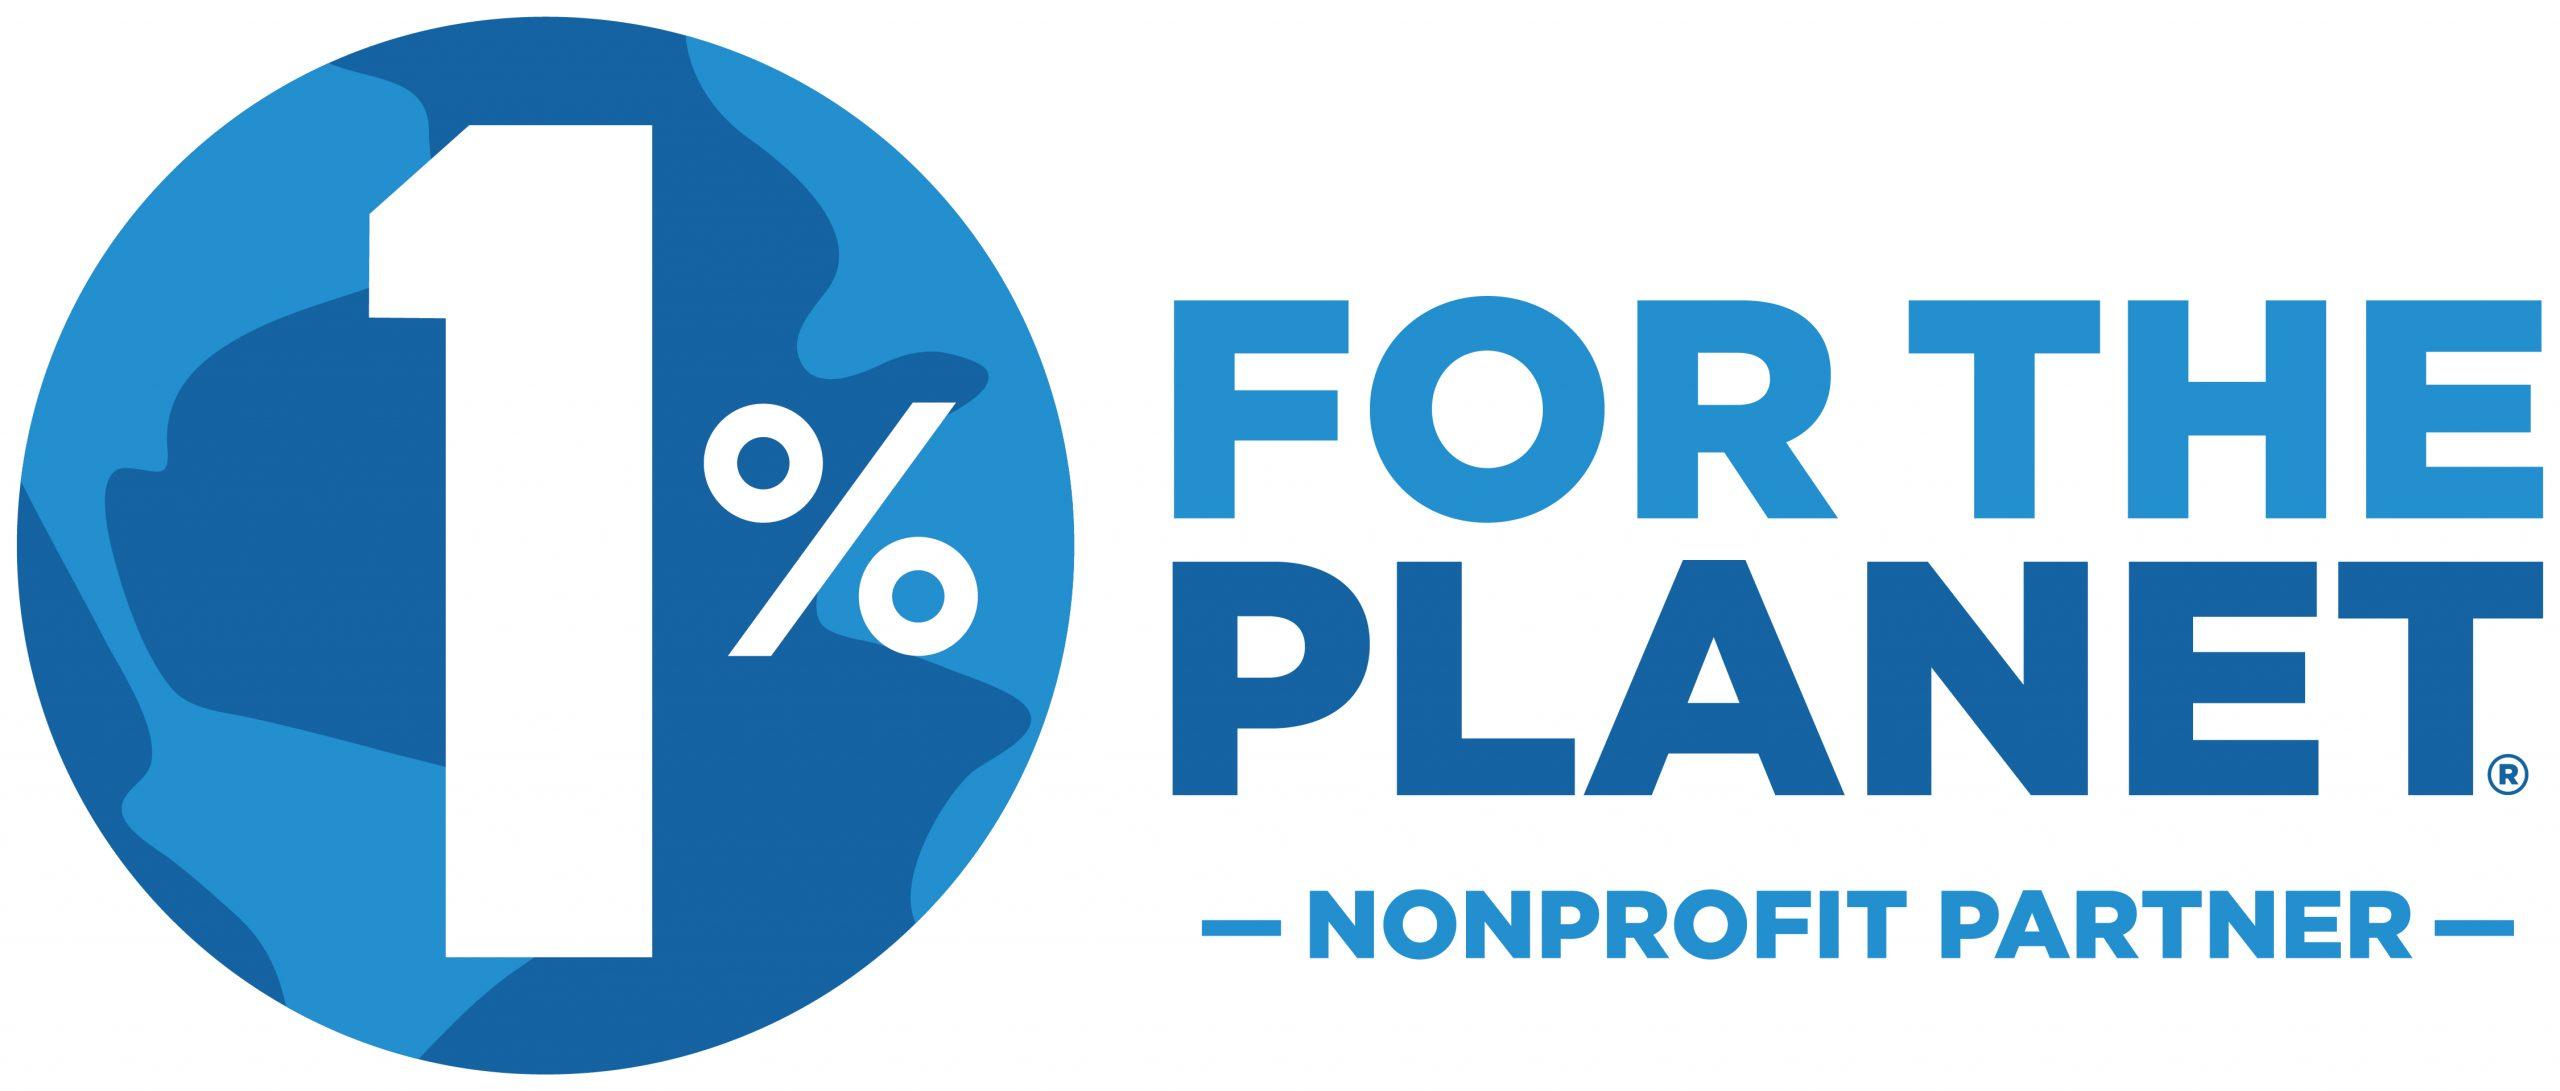 1ftp_NonprofitPartner_Horizontal_FullColor